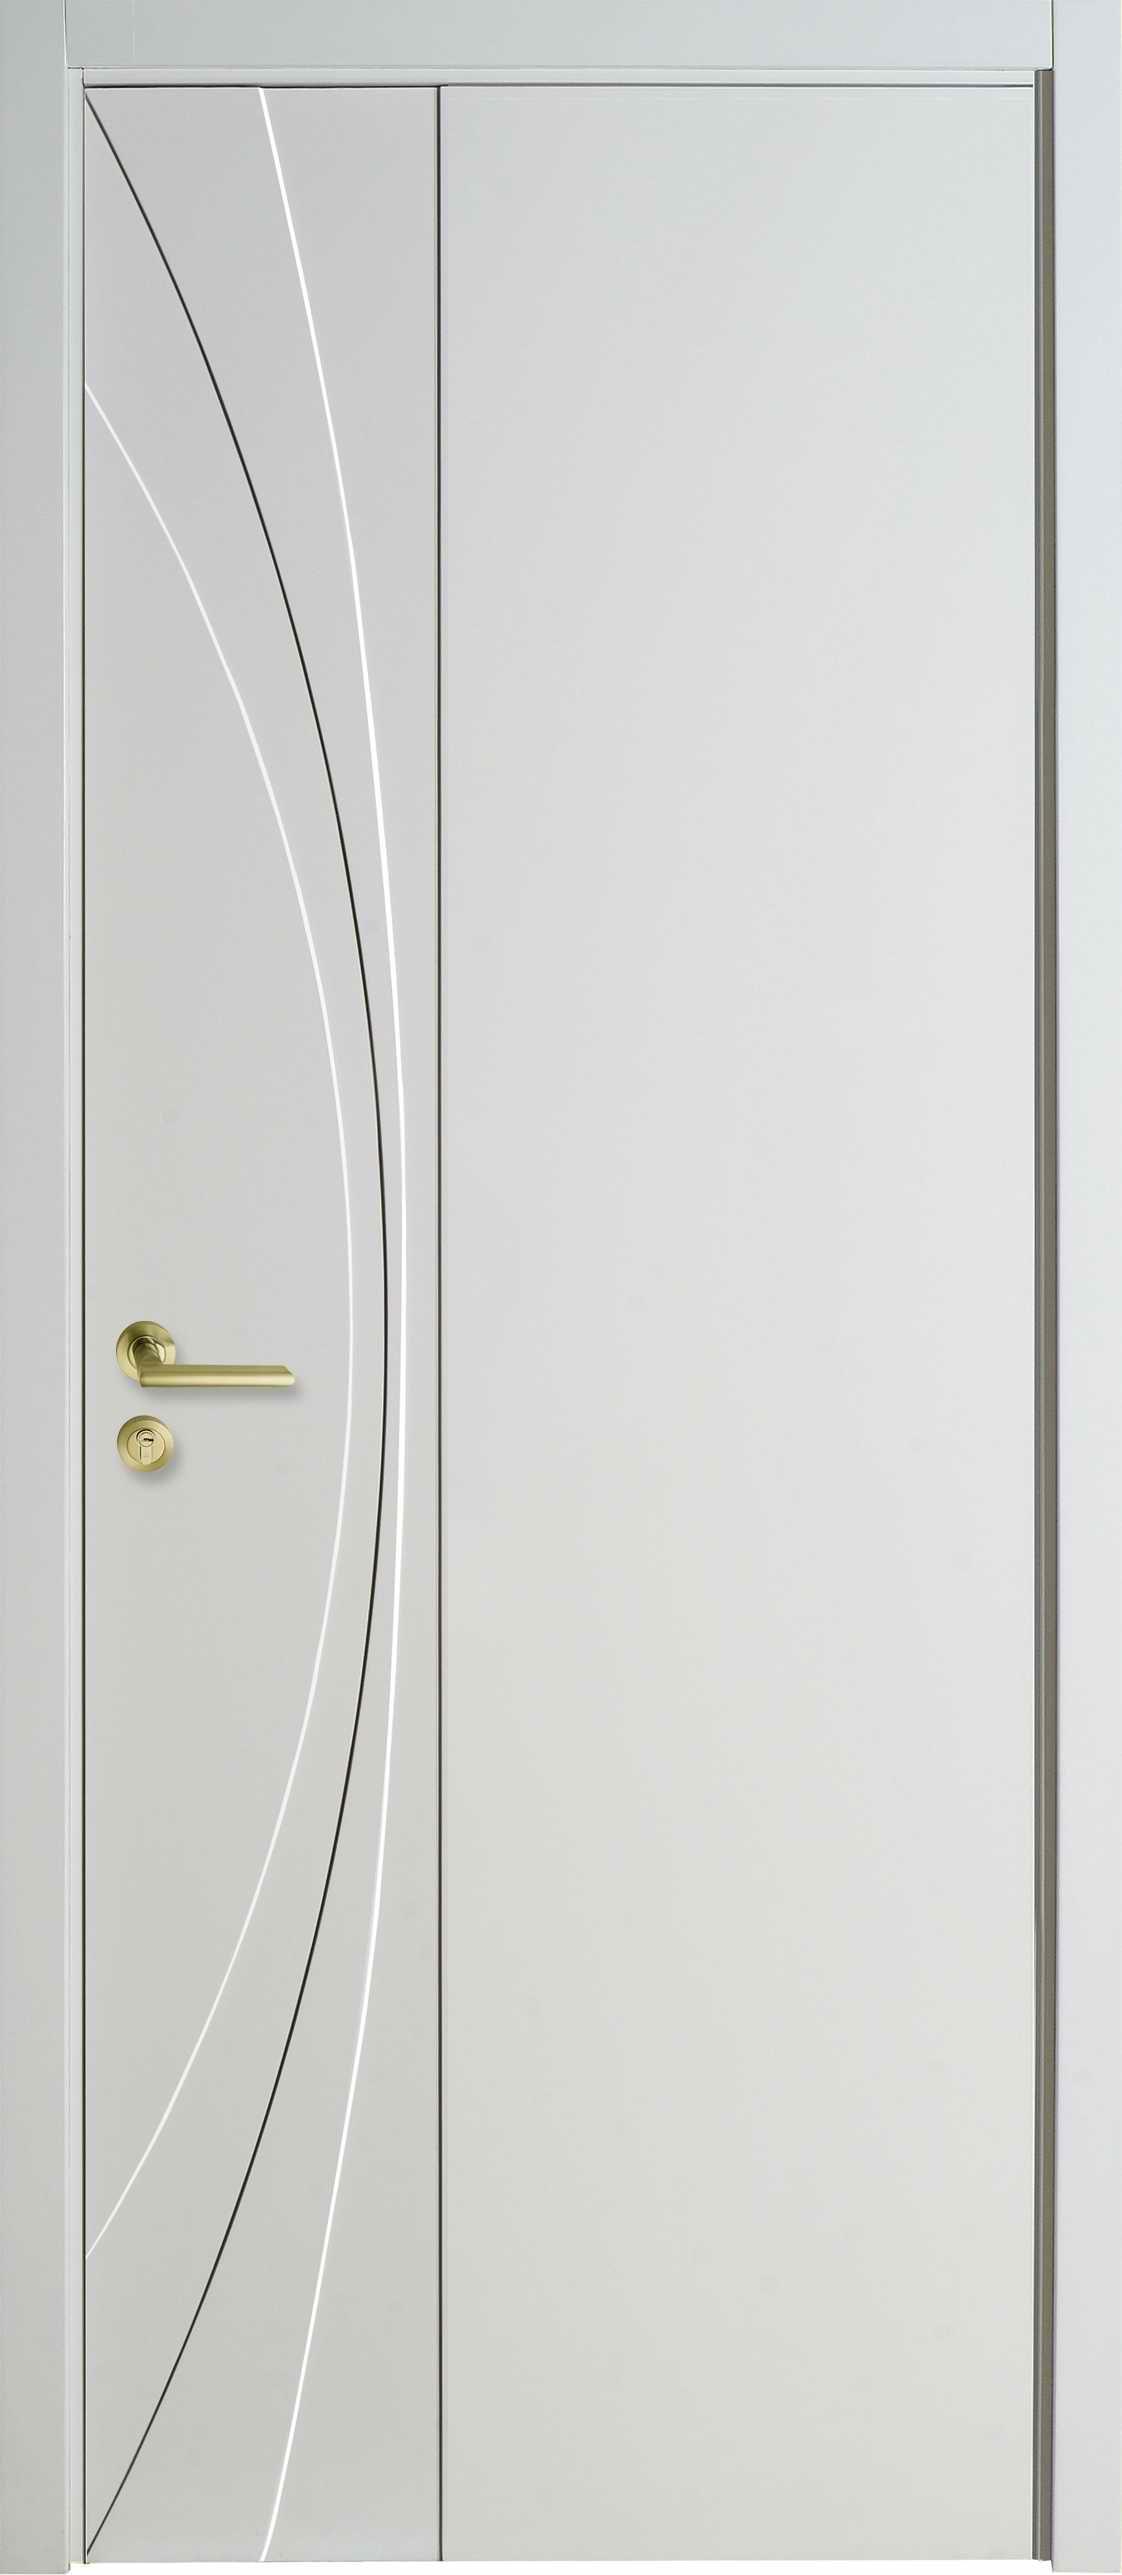 Wood Door Design Picture Inspirational Decoration On Door Design